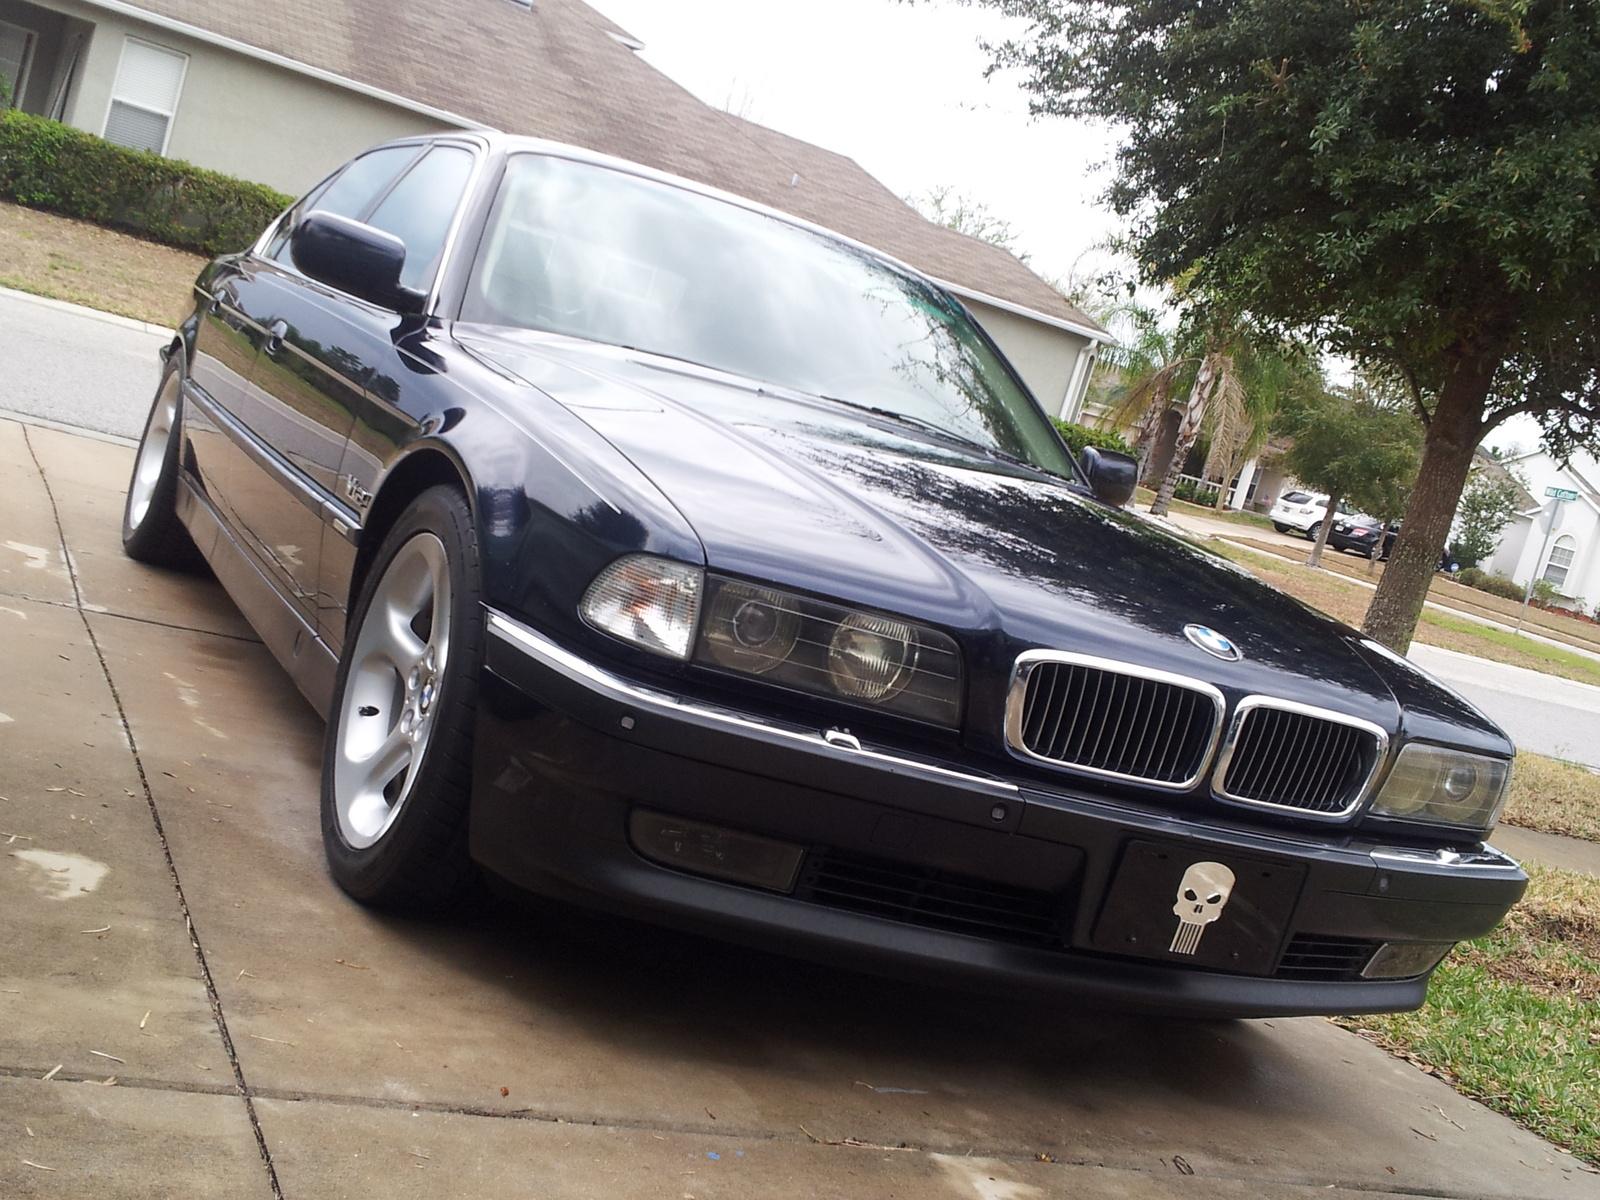 1995 BMW 7 Series - Pictures - CarGurus